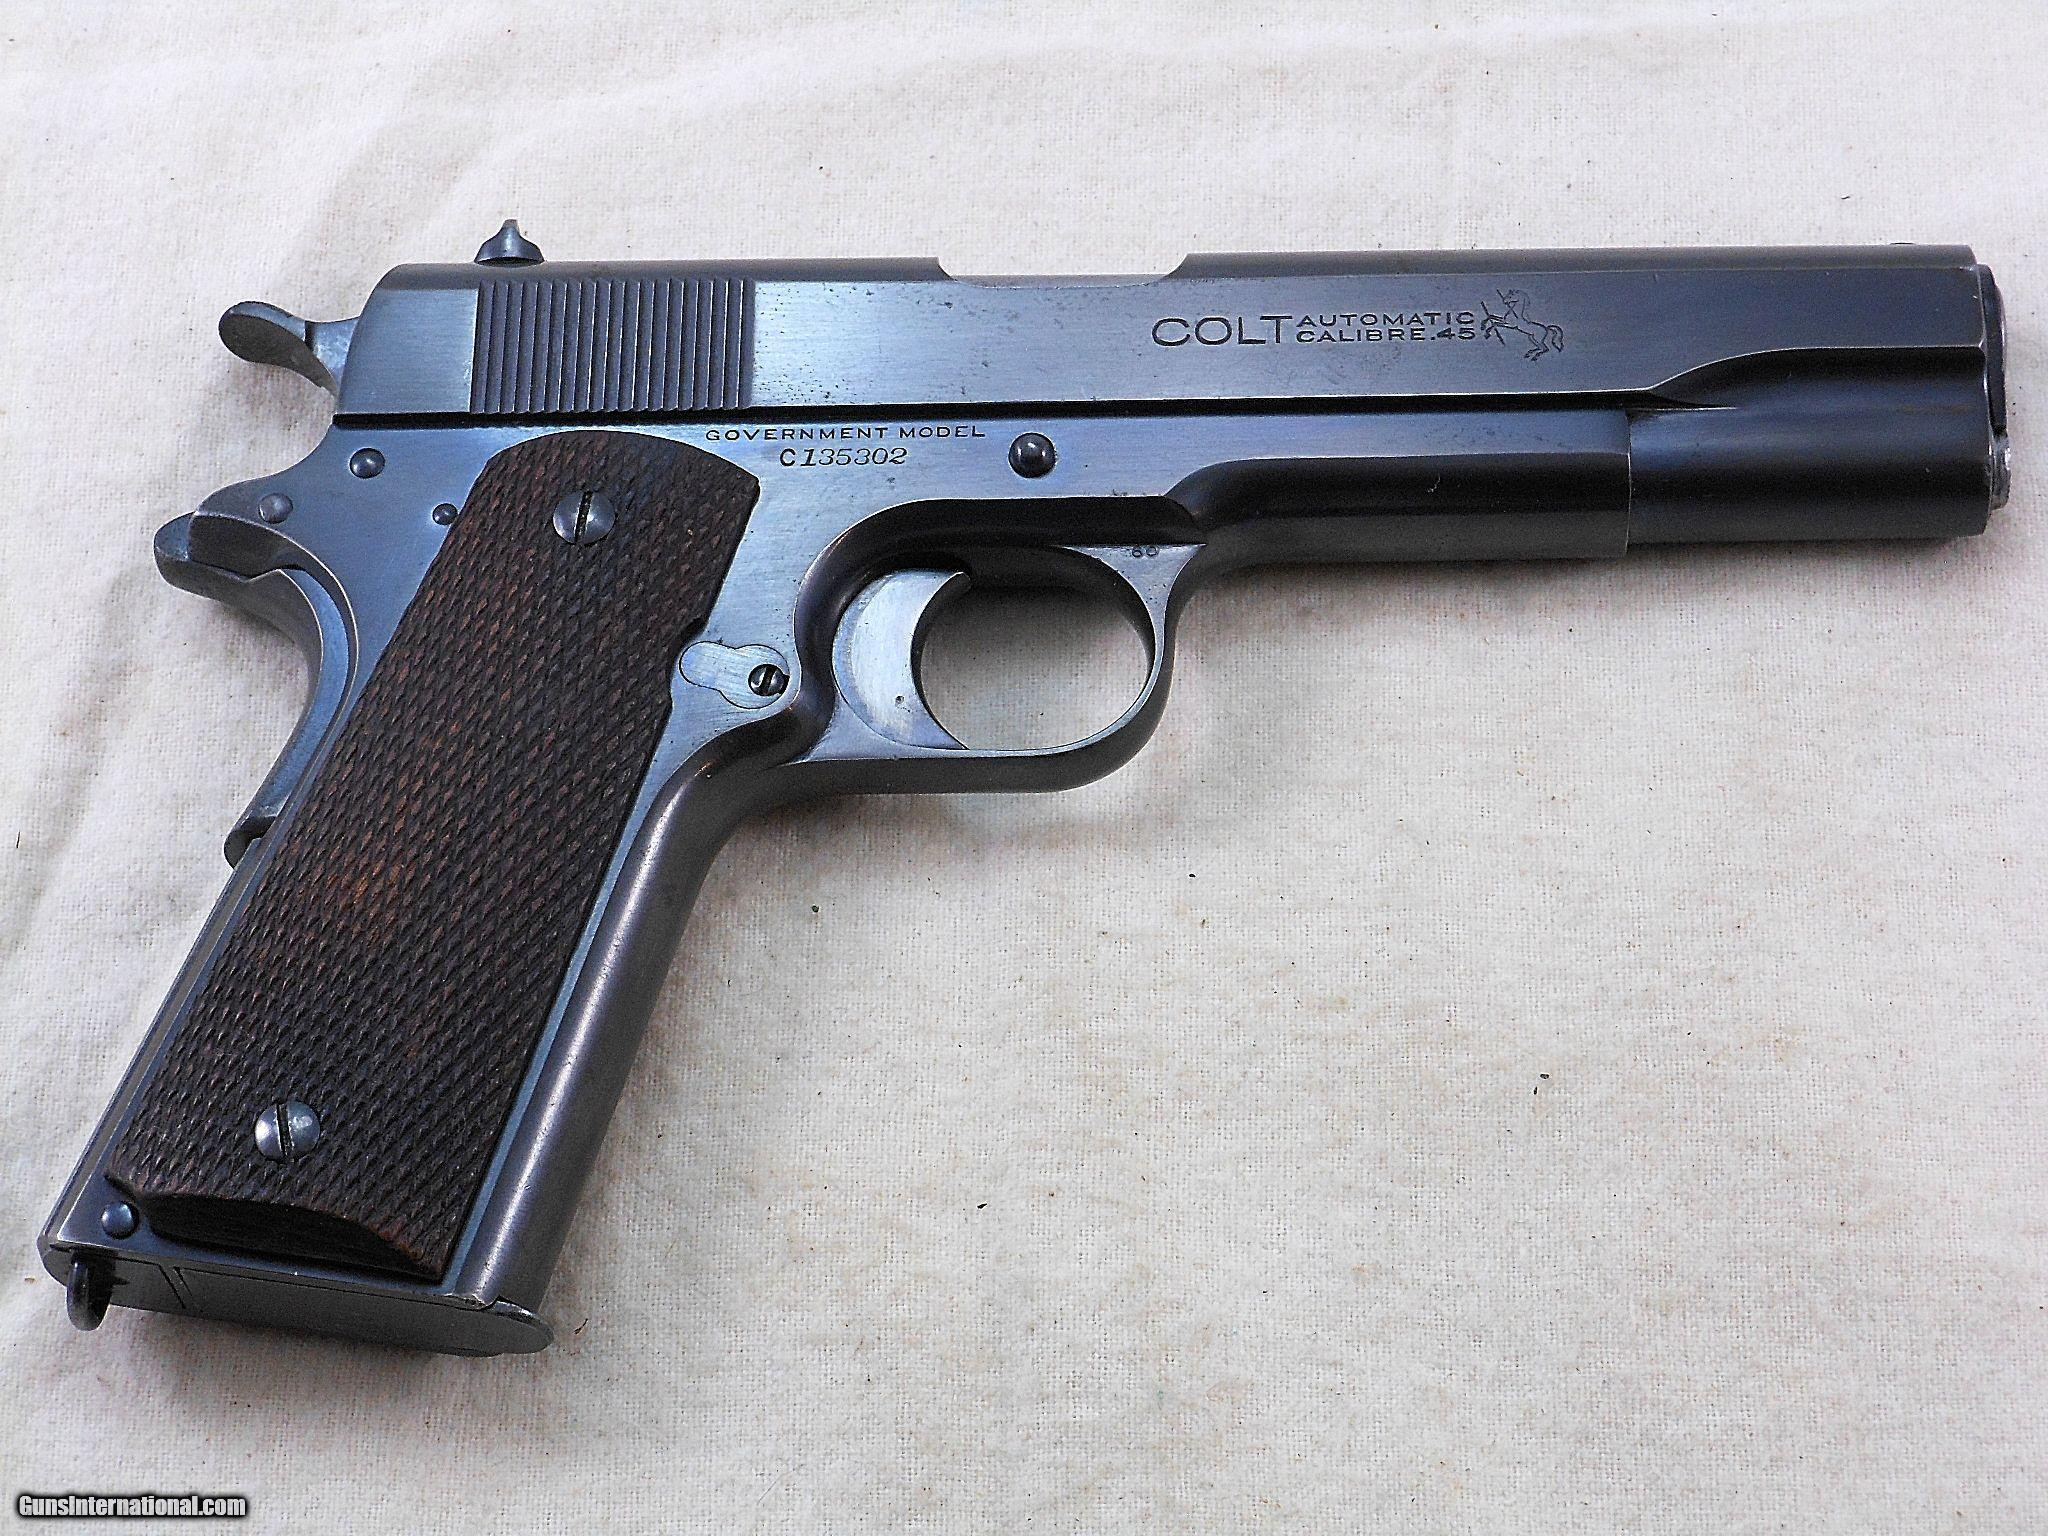 Colt Civilian Model 1911 45 A.C.P. Transition Pistol 1924 Production